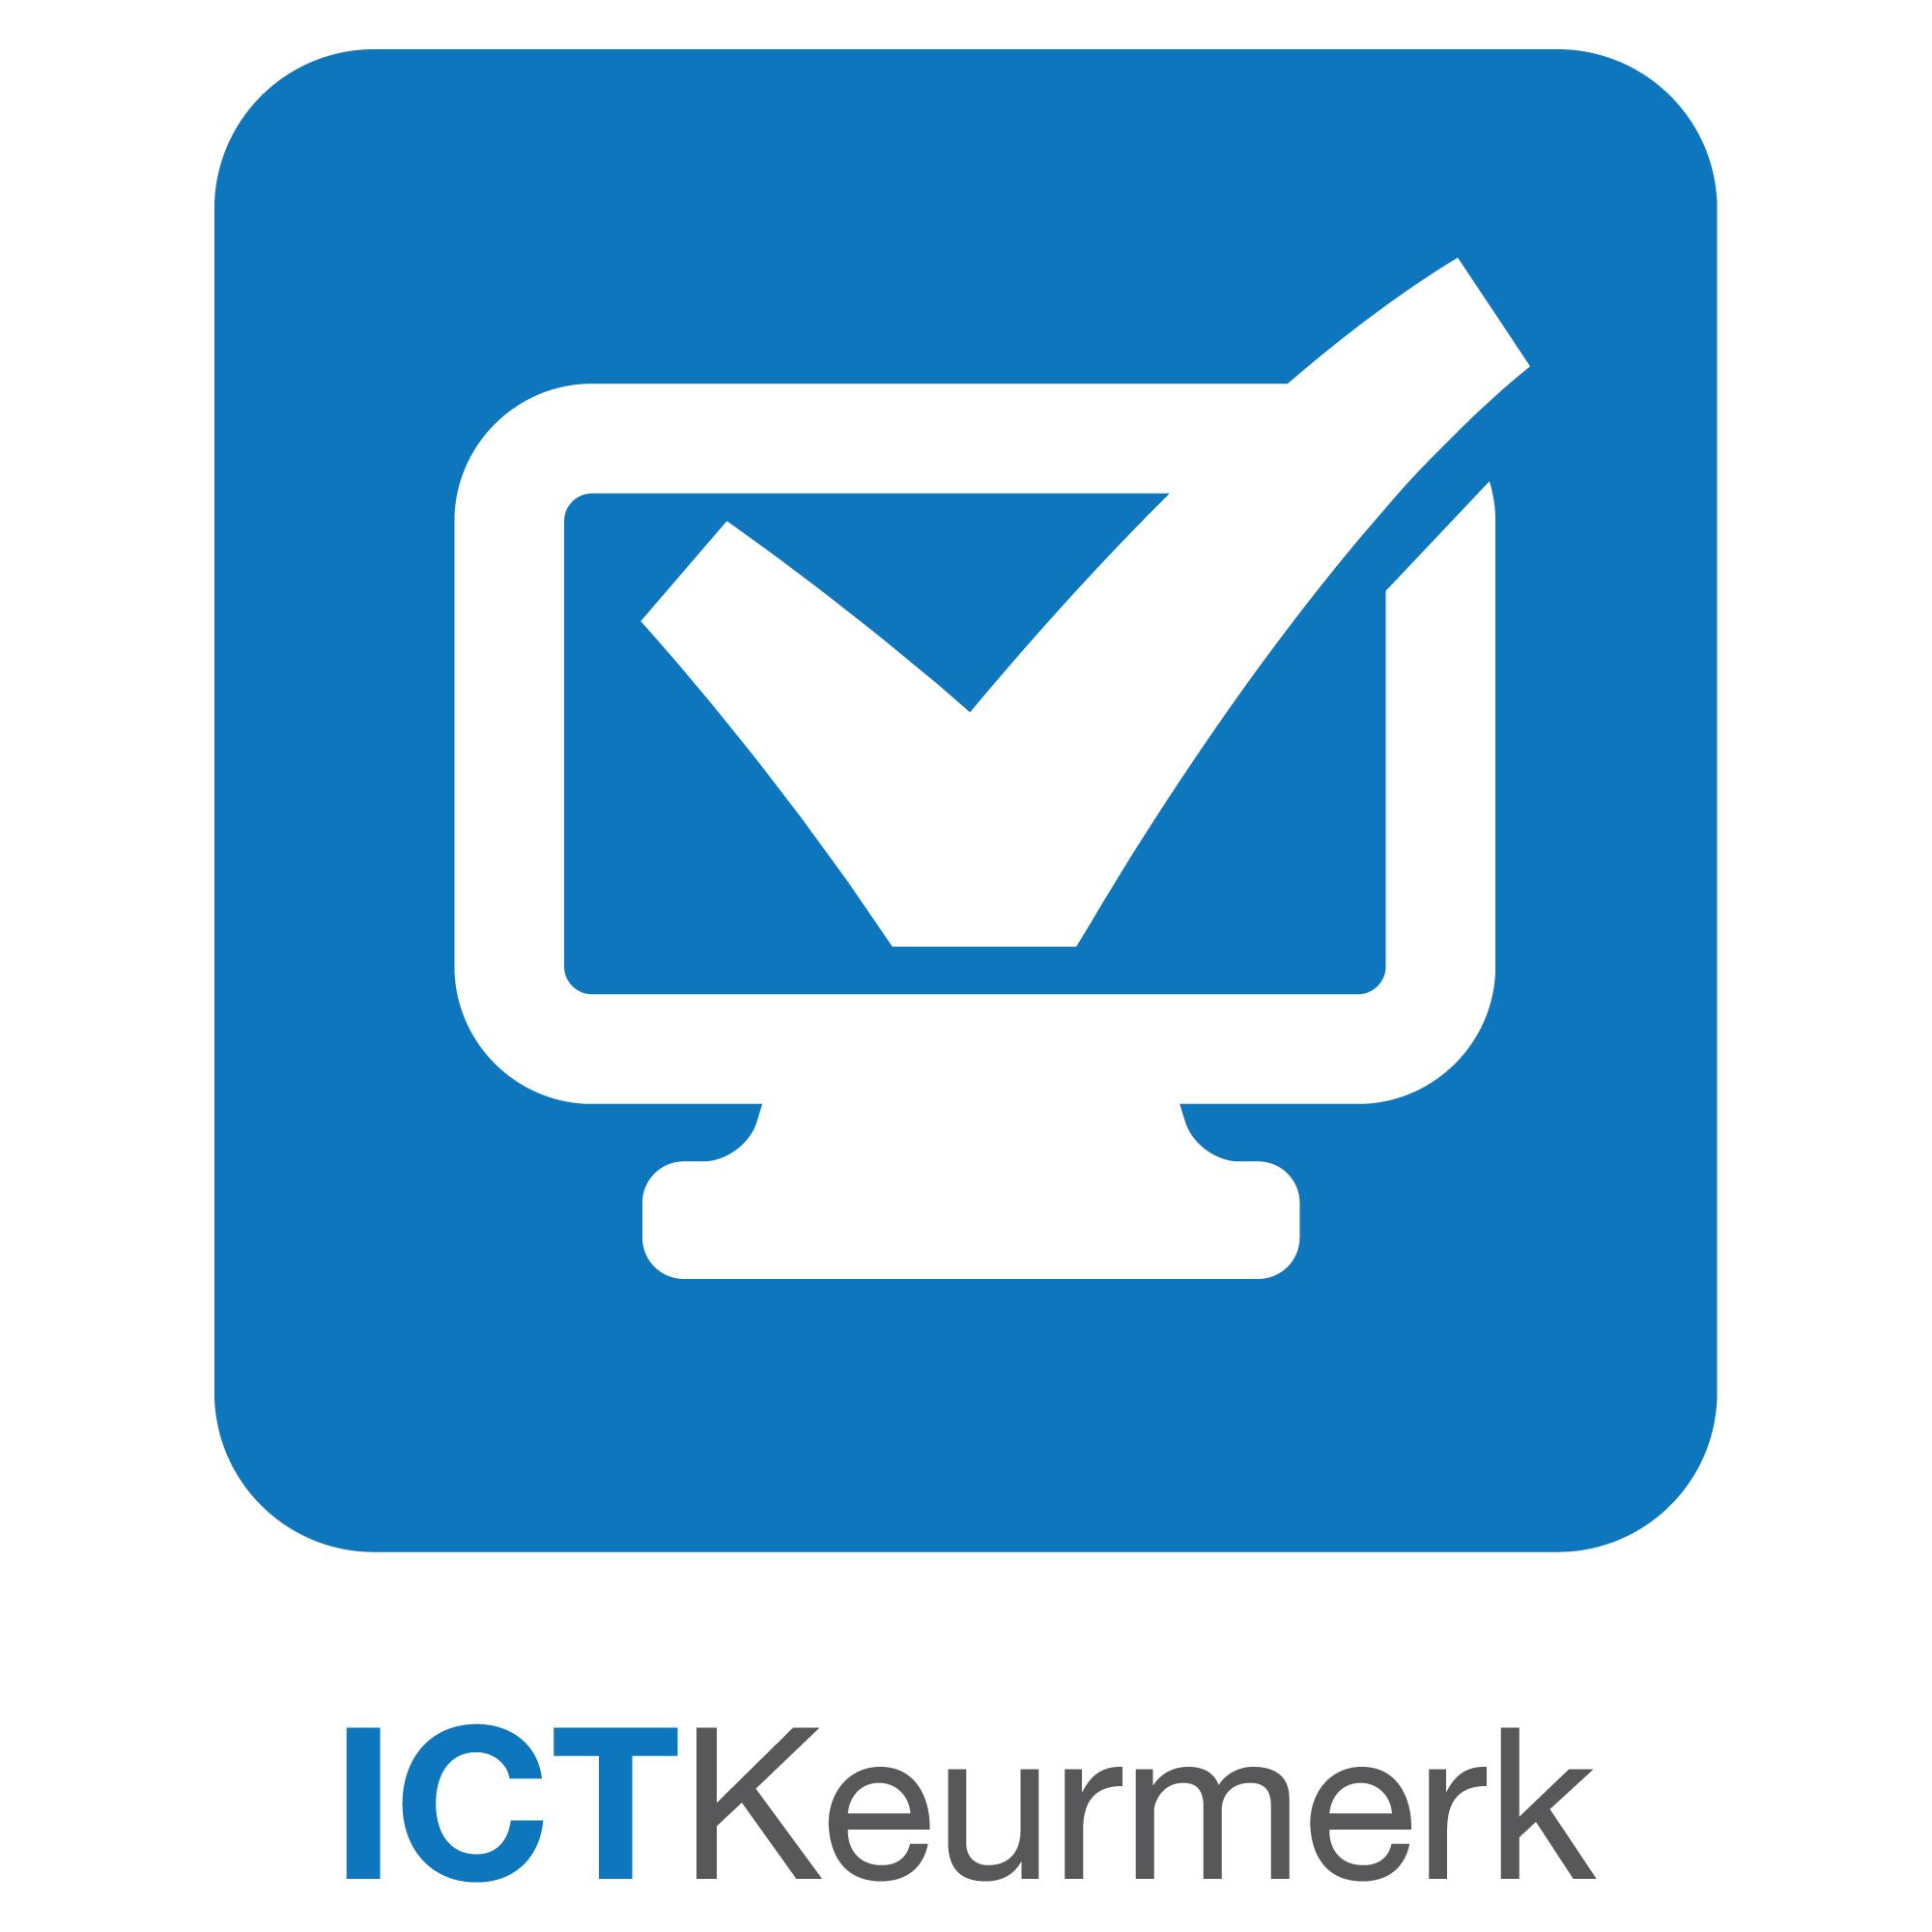 ICTKeurmerk